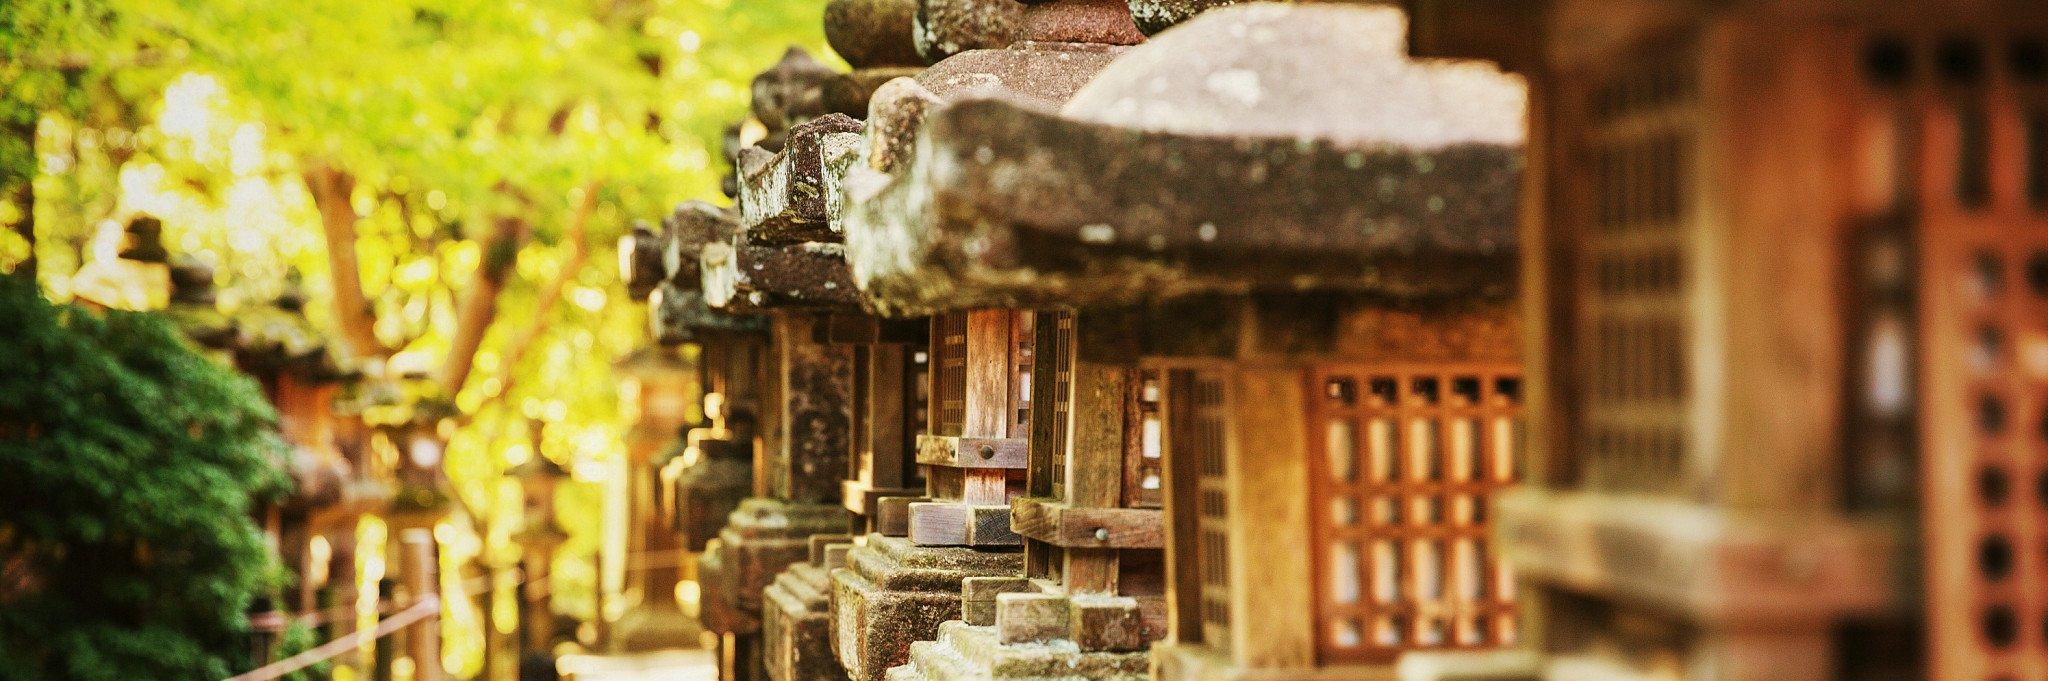 古朴与现代的融合——日本之行